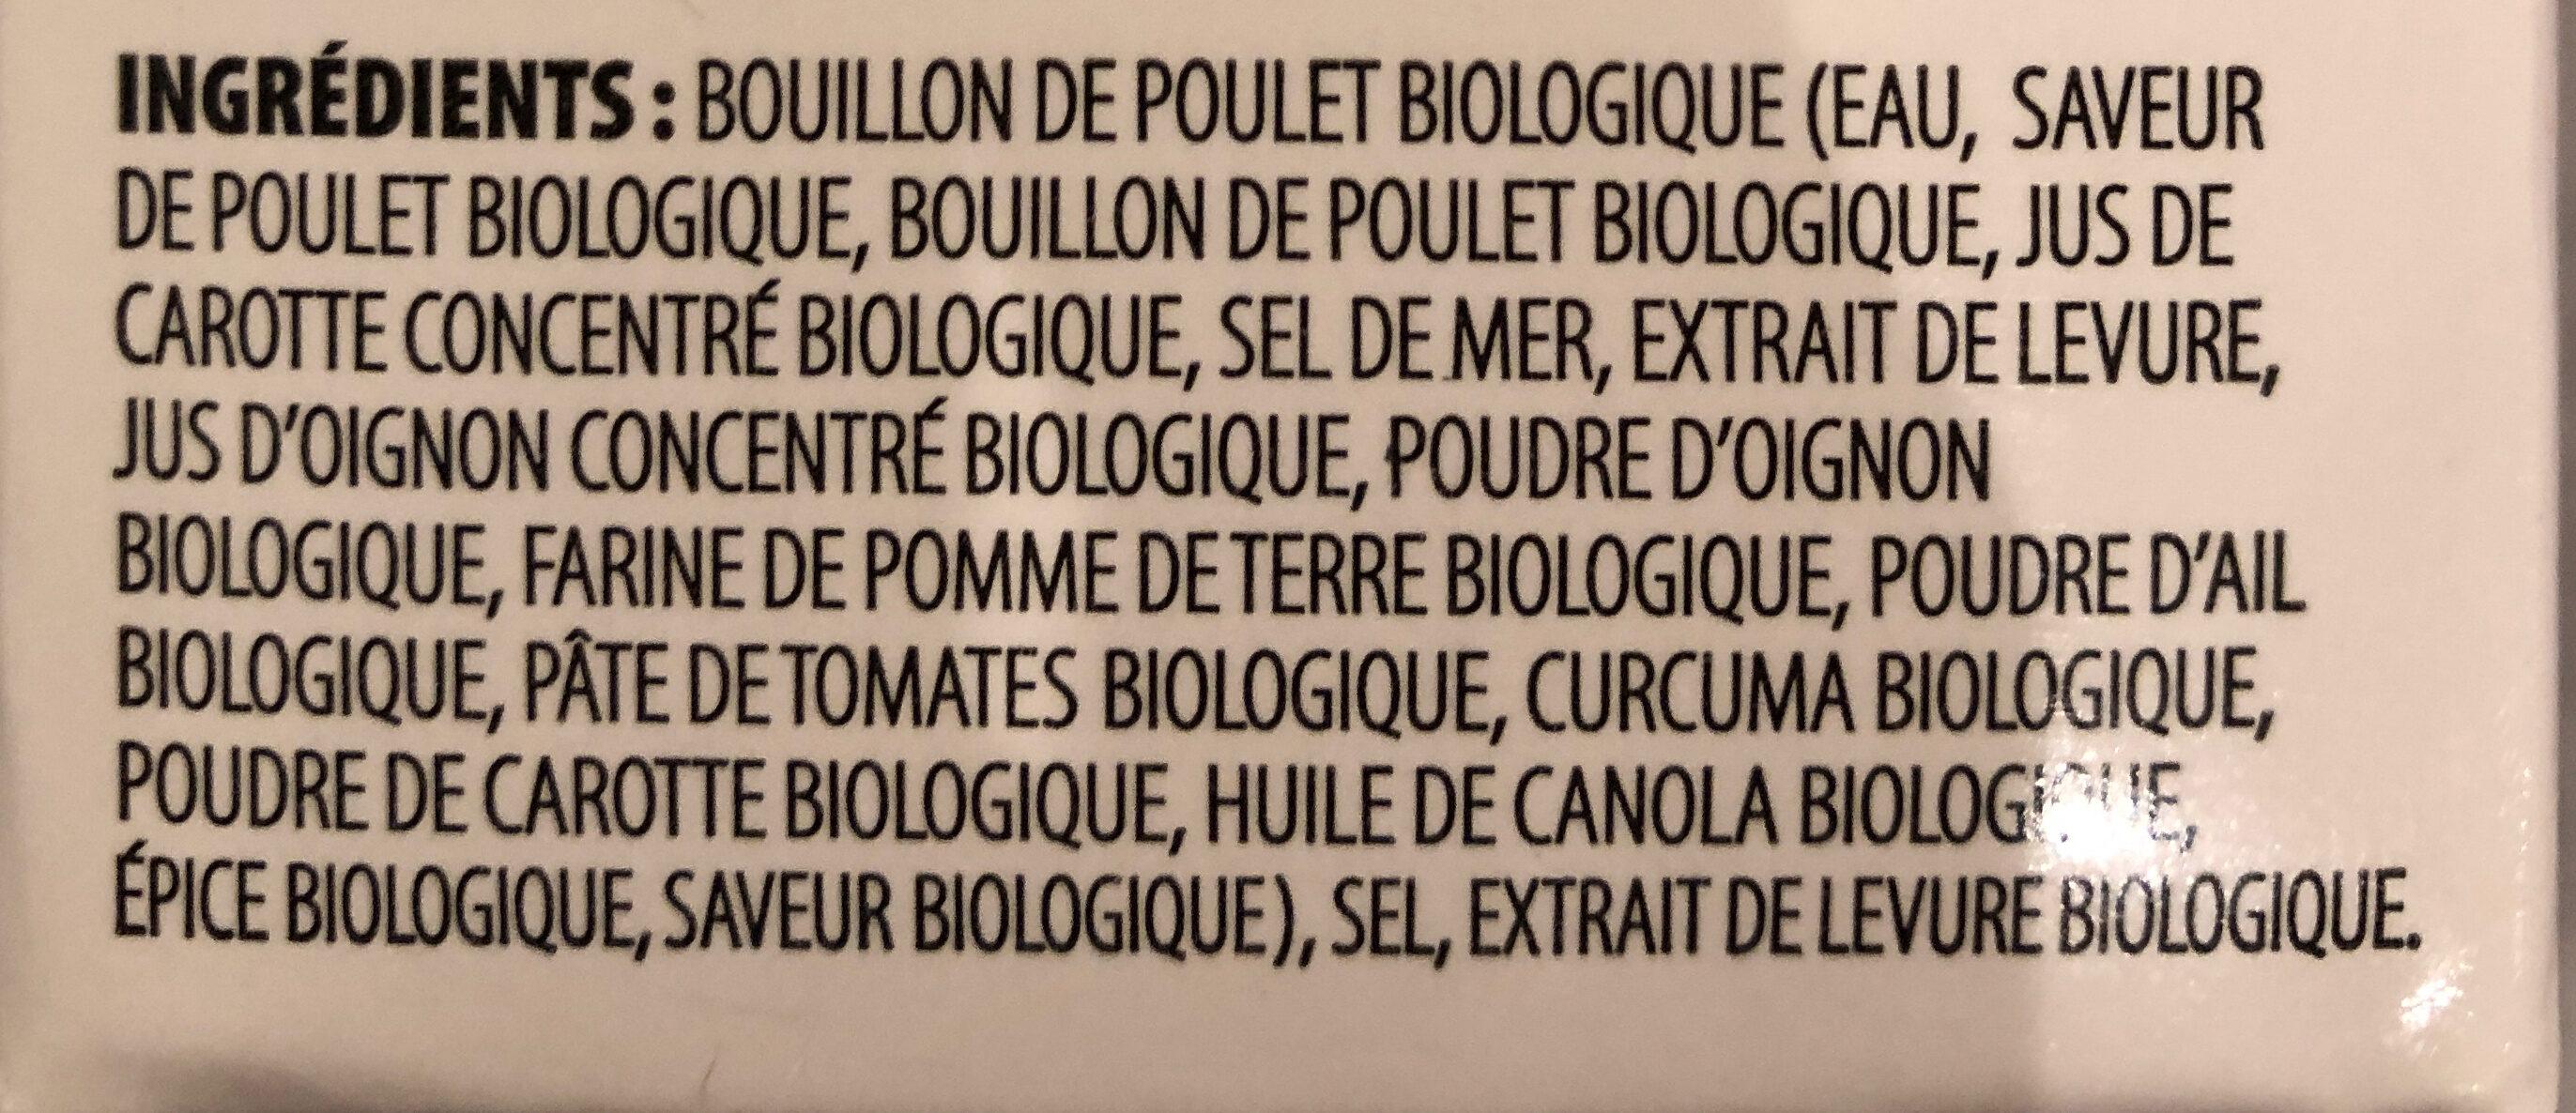 Bouillon de poulet - Ingrédients - fr